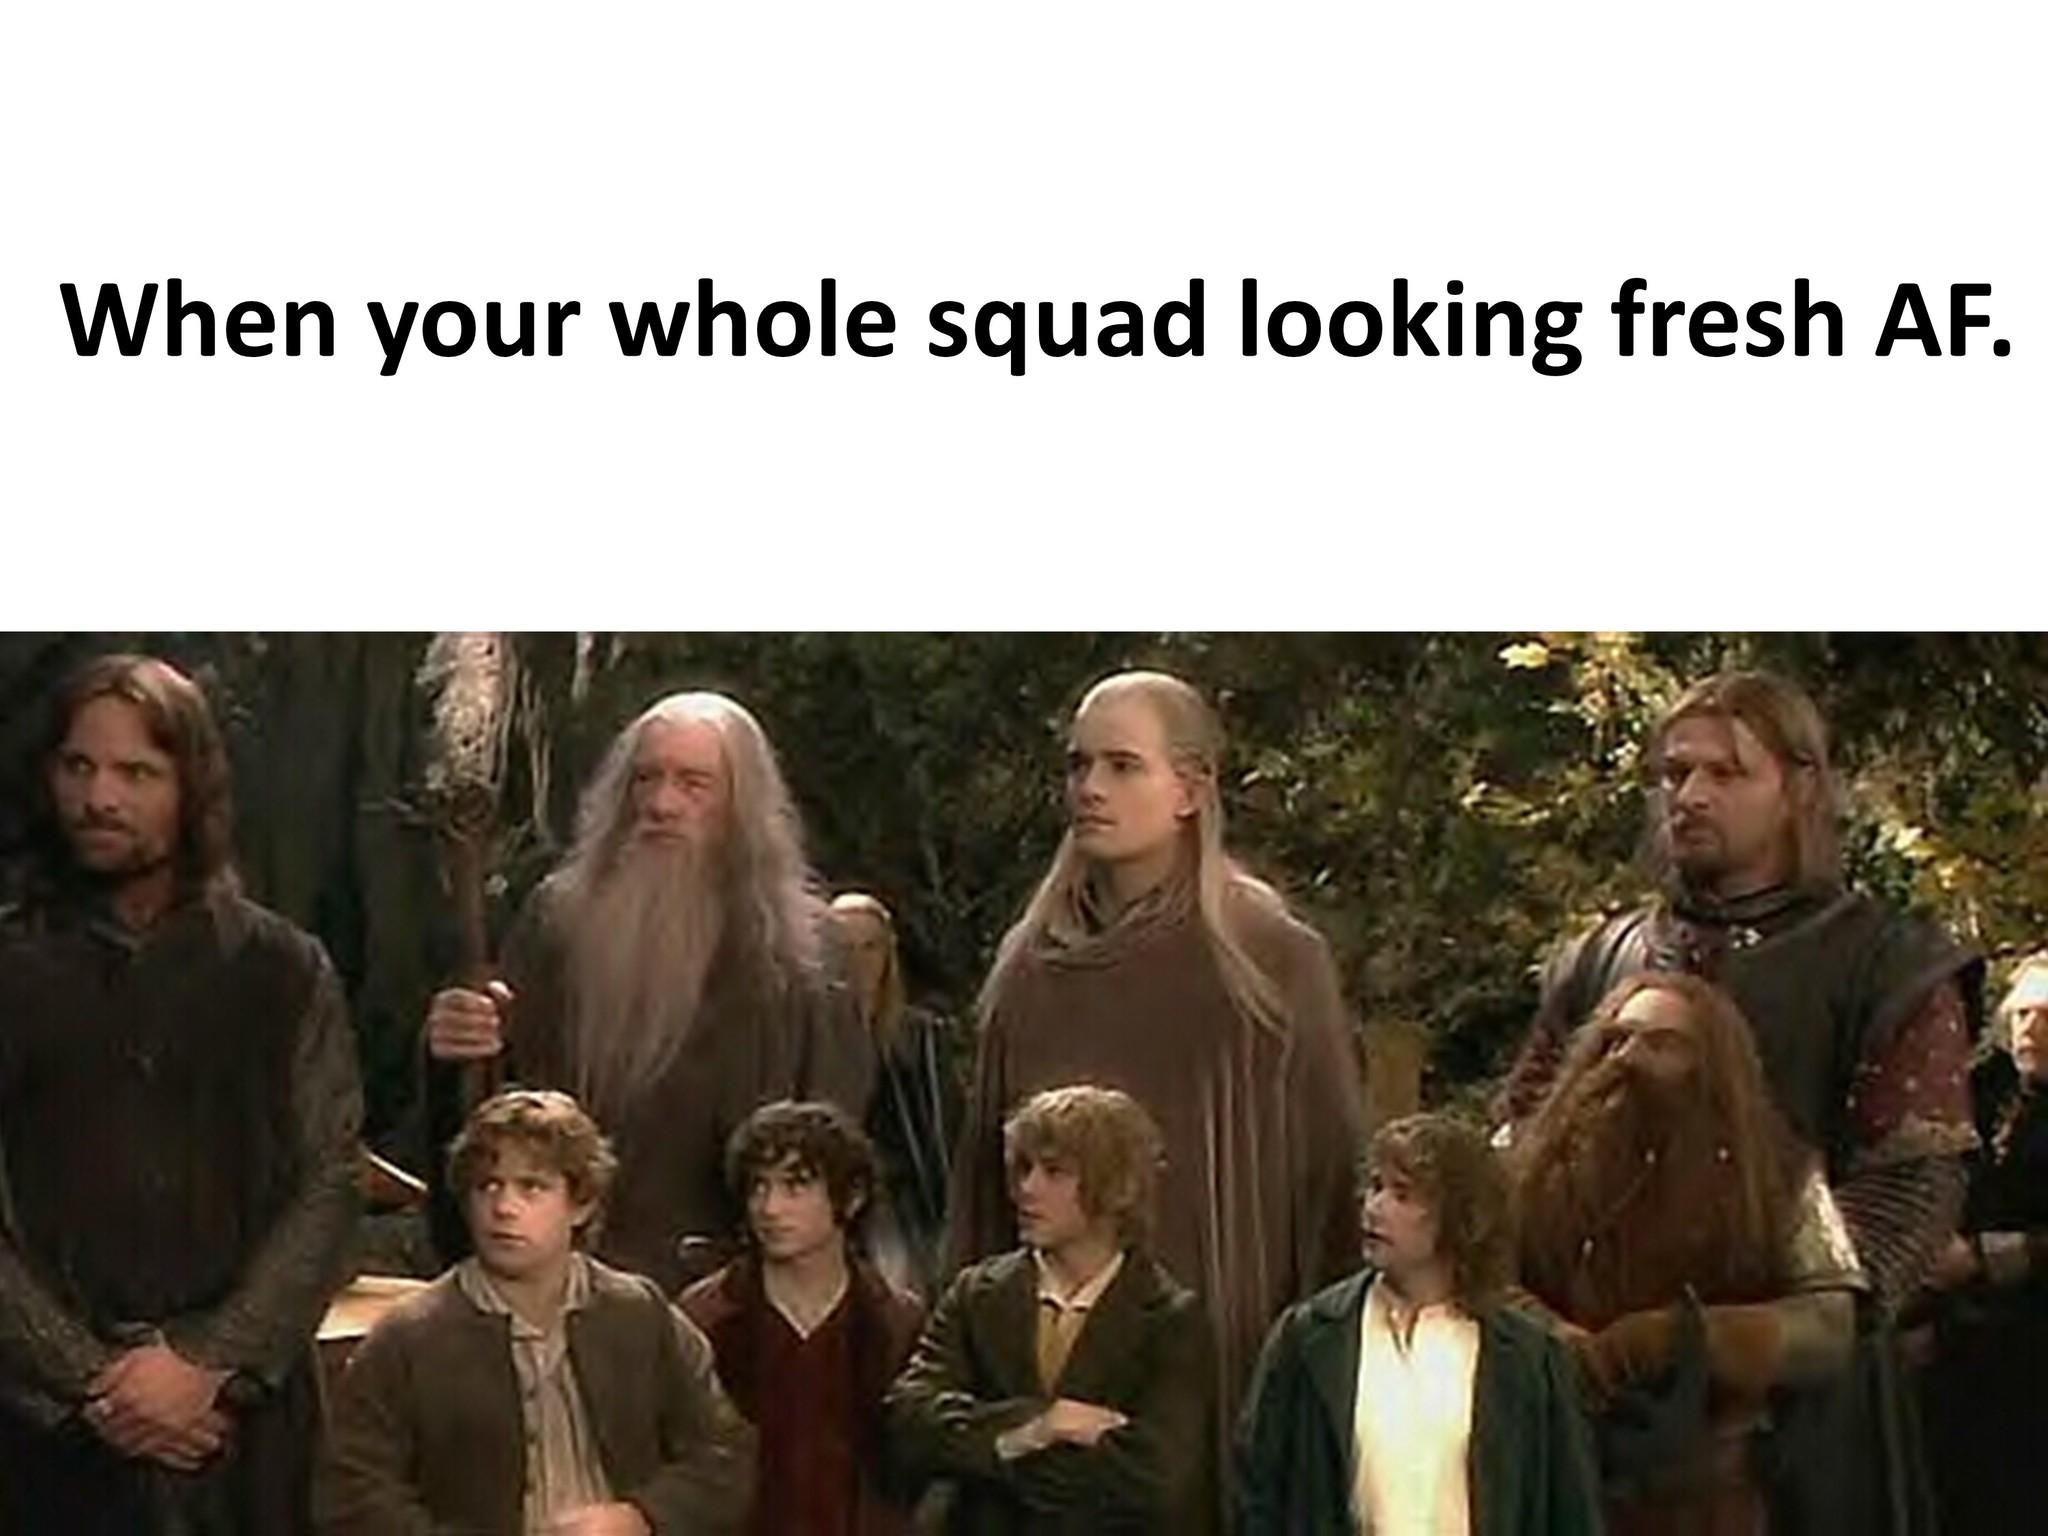 LoTR Squad - meme